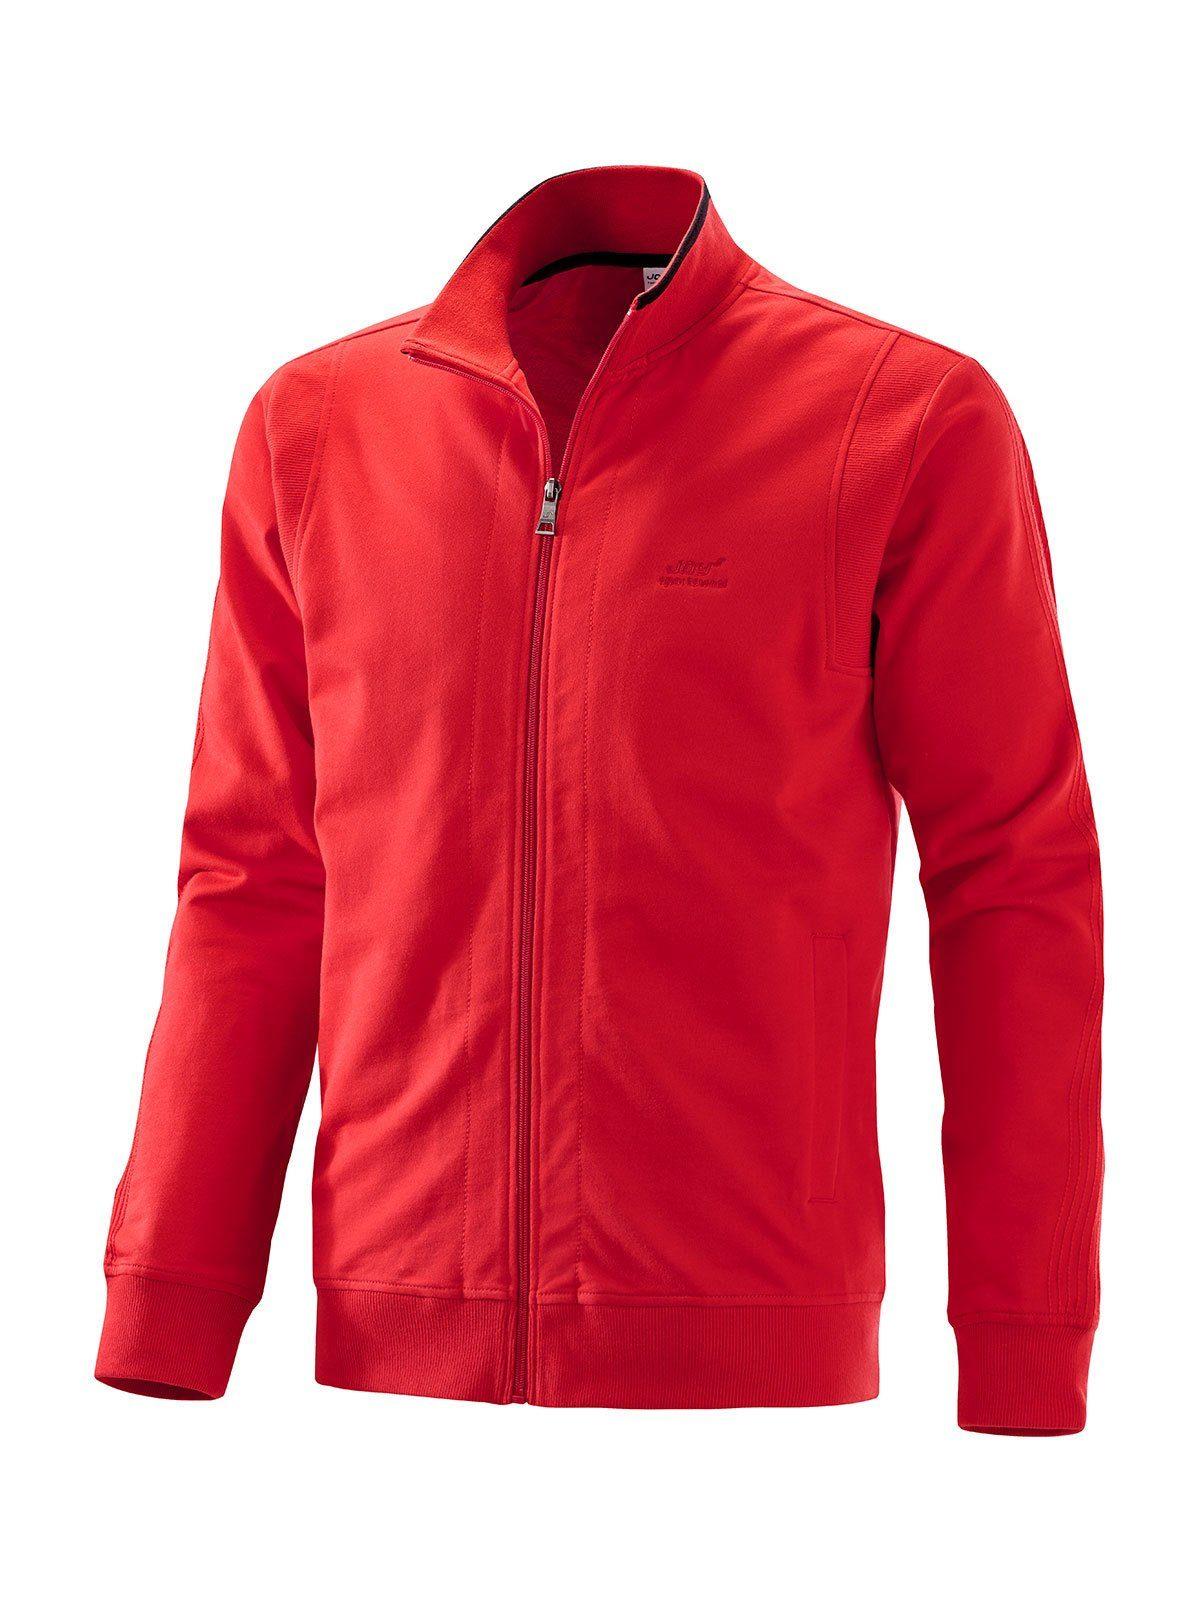 Joy Sportswear Trainingsjacke DIRK | Sportbekleidung > Sportjacken | Rot | Joy Sportswear